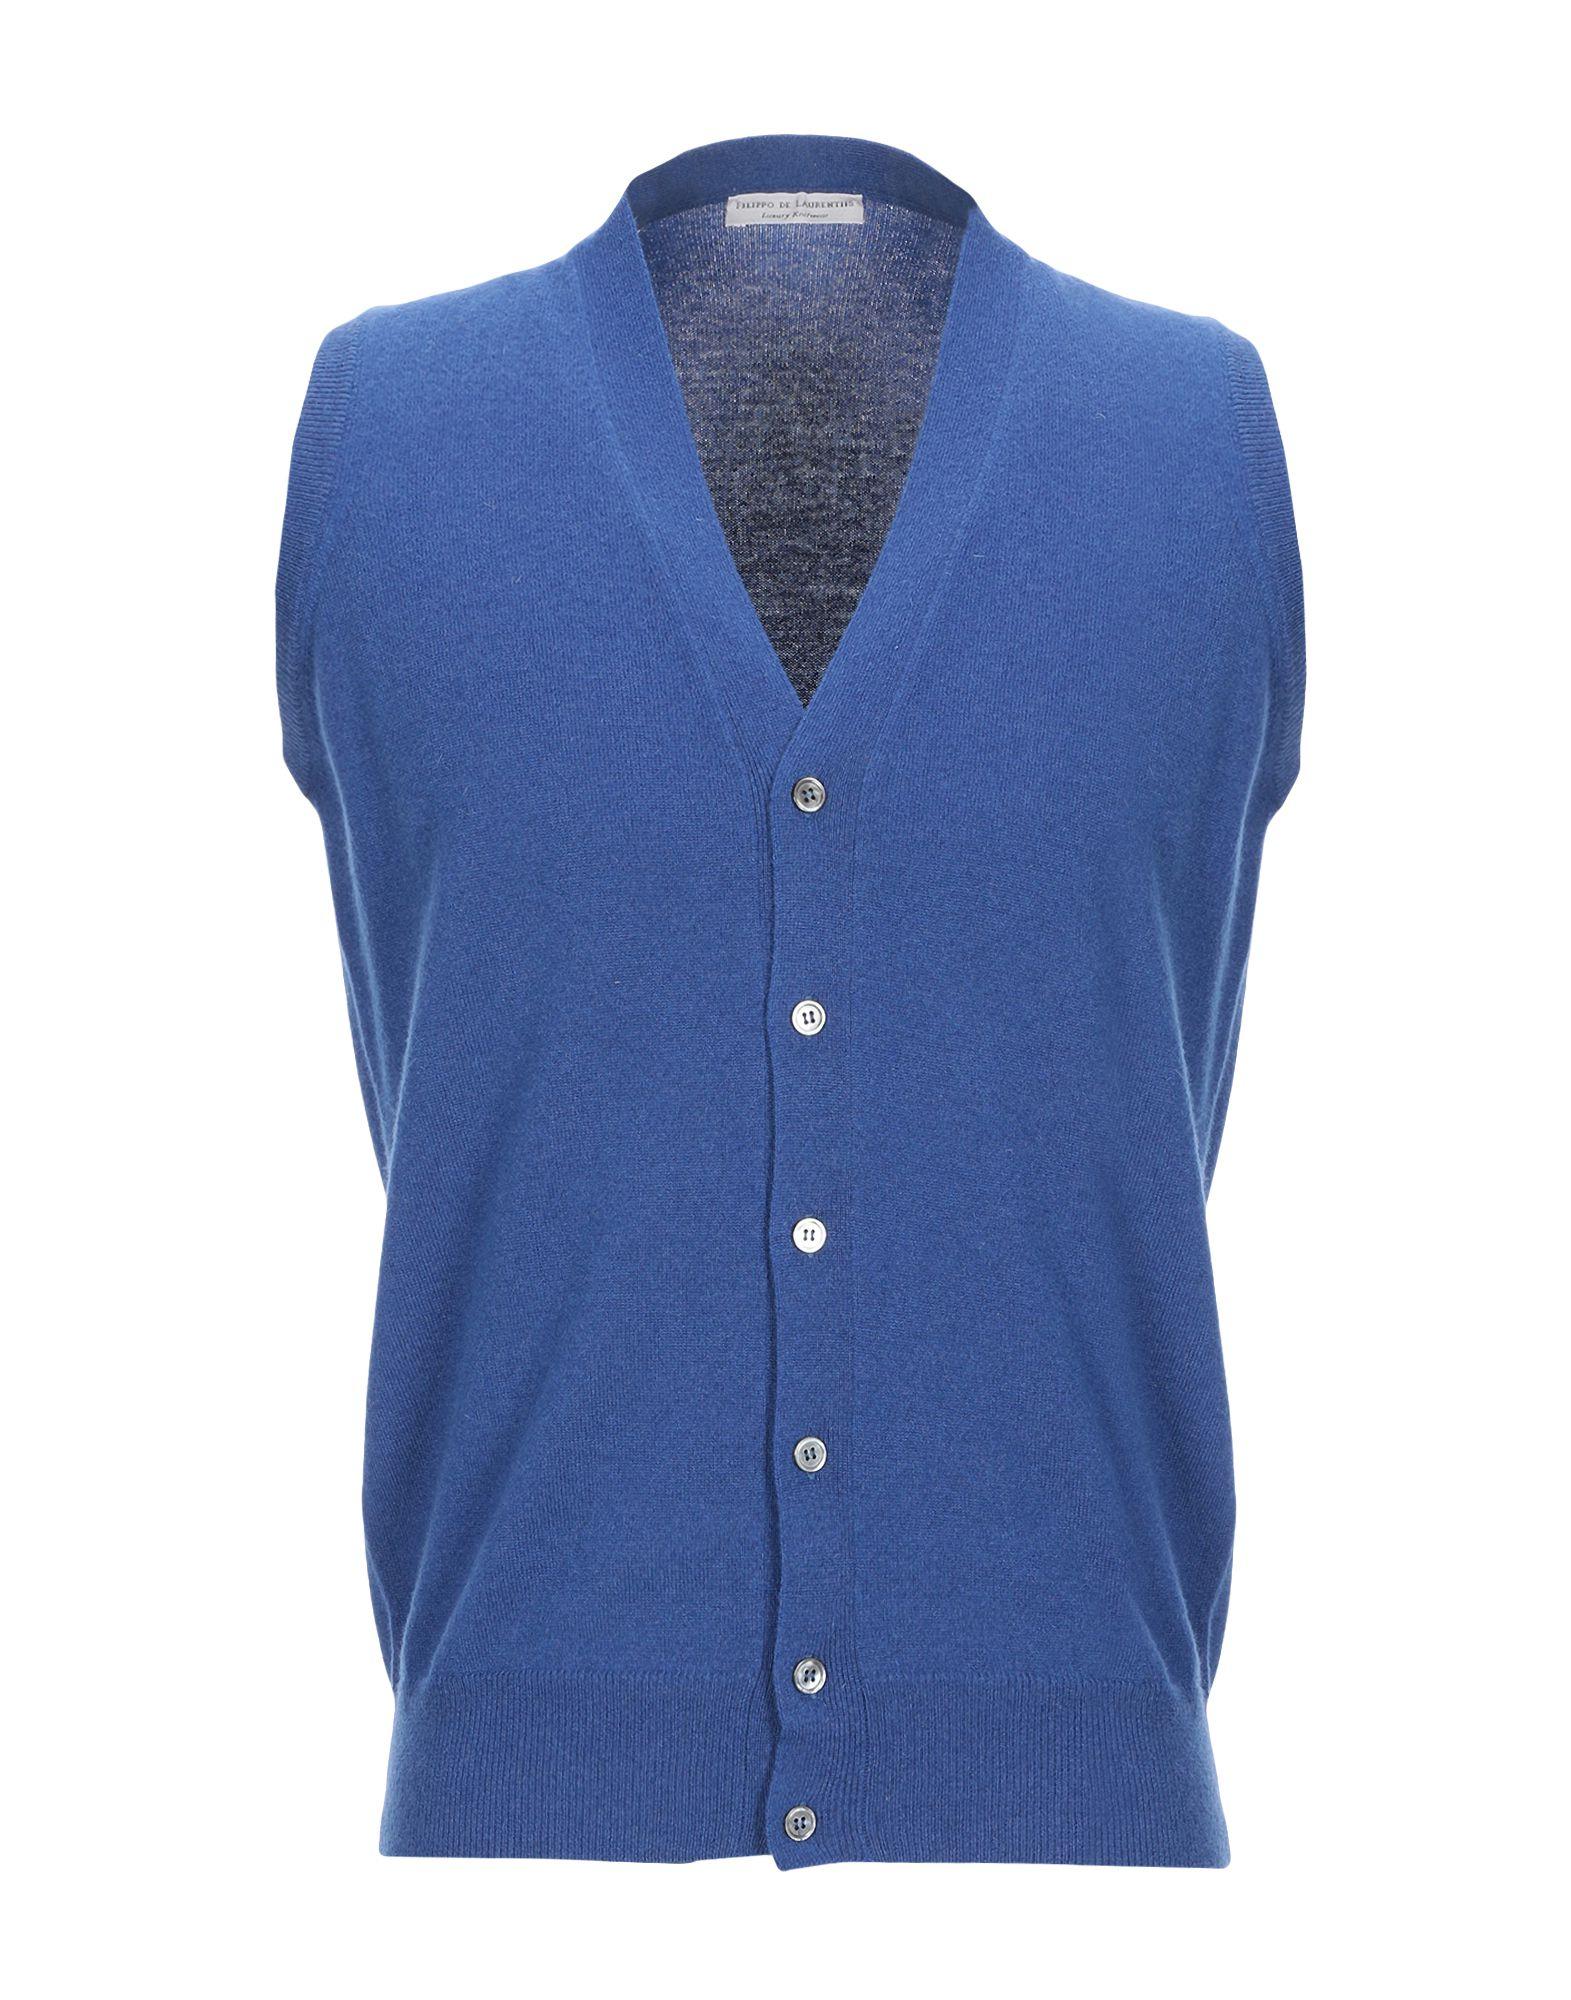 《セール開催中》FILIPPO DE LAURENTIIS メンズ カーディガン ブライトブルー 50 スーパー120 ウール 90% / カシミヤ 10%